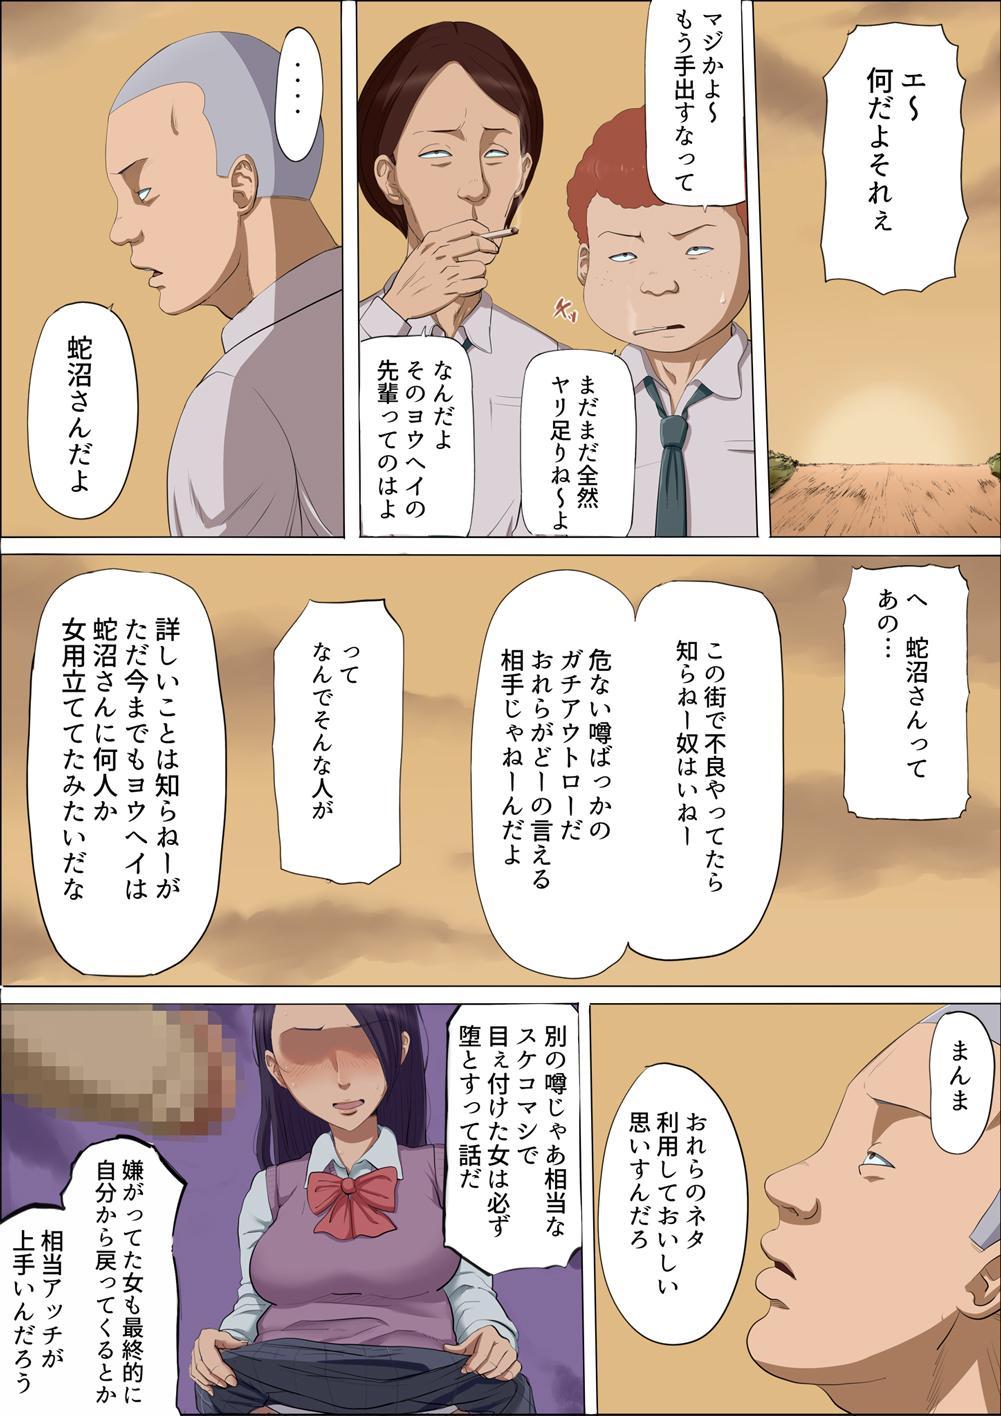 Sonokoro, Anoko wa... 3 16